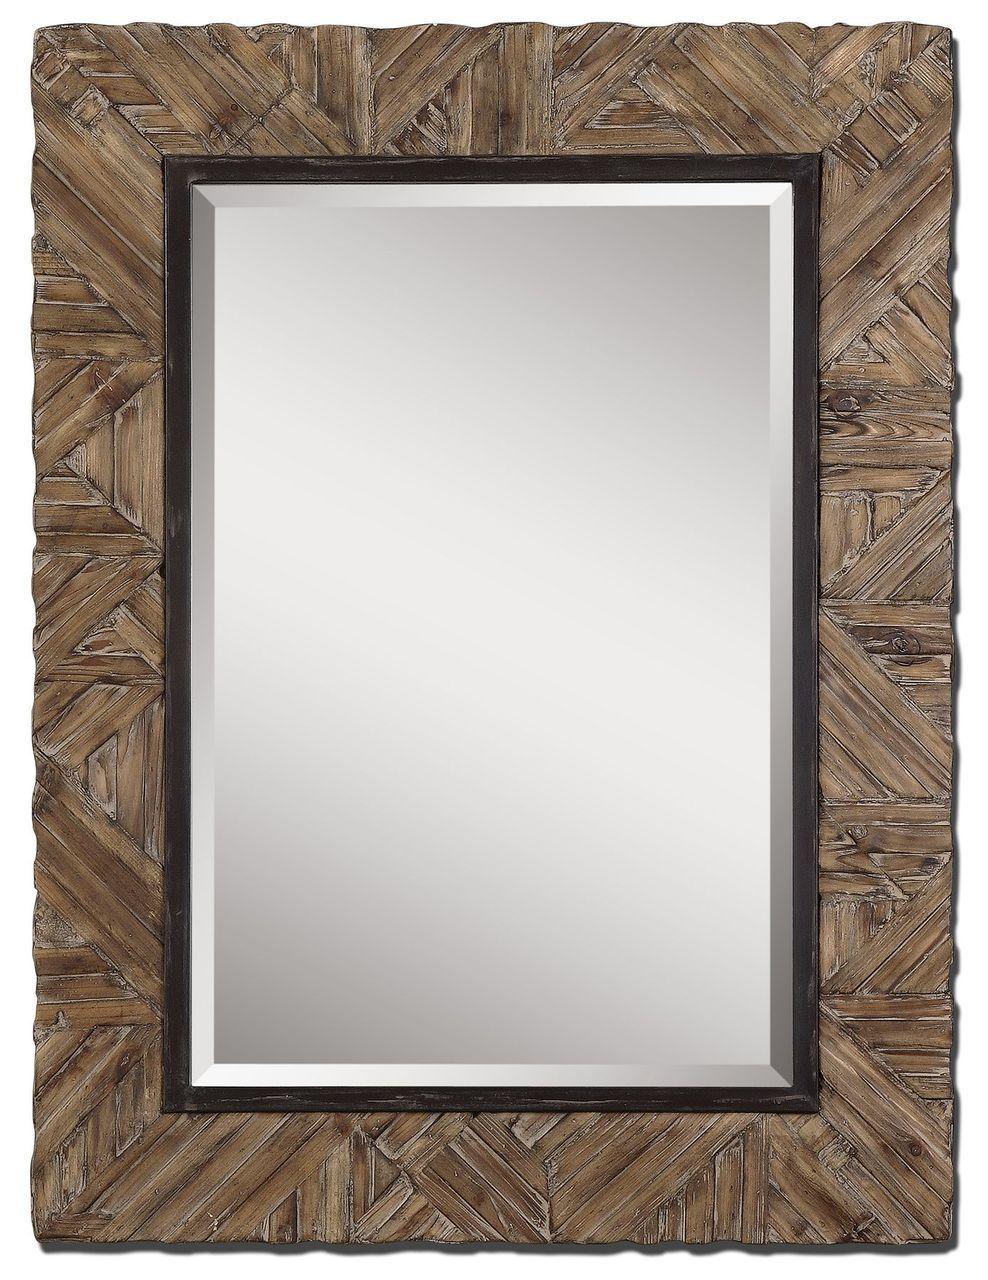 Homepage Fine Home Lamps Mirror Decor Mirror Wall Decor Mirror Wall